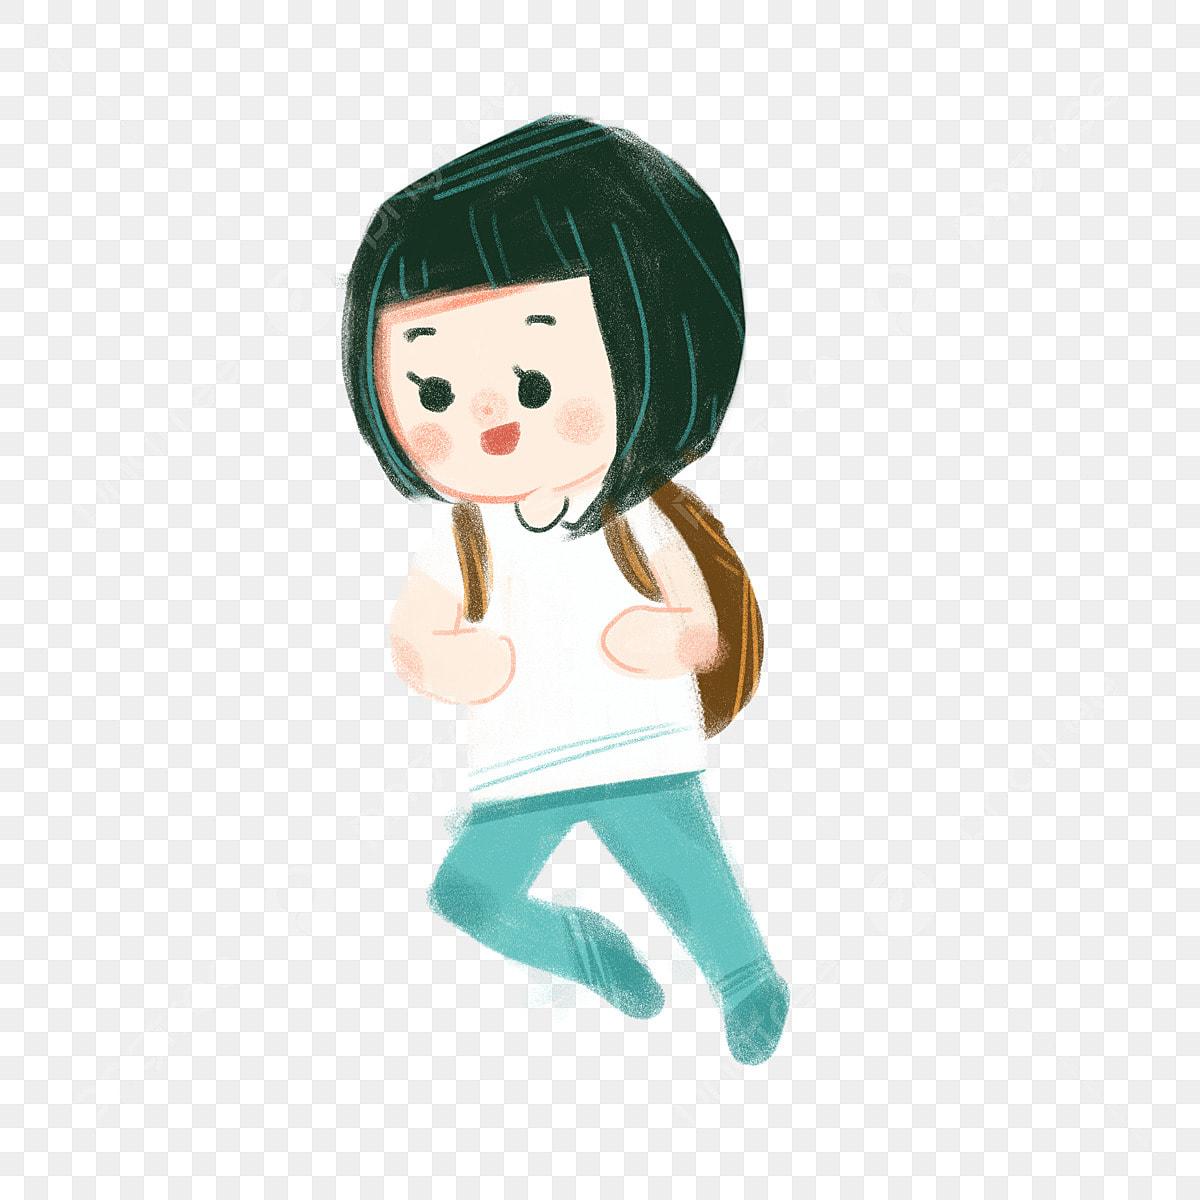 Girl Hurt Finger Stock Illustrations – 46 Girl Hurt Finger Stock  Illustrations, Vectors & Clipart - Dreamstime